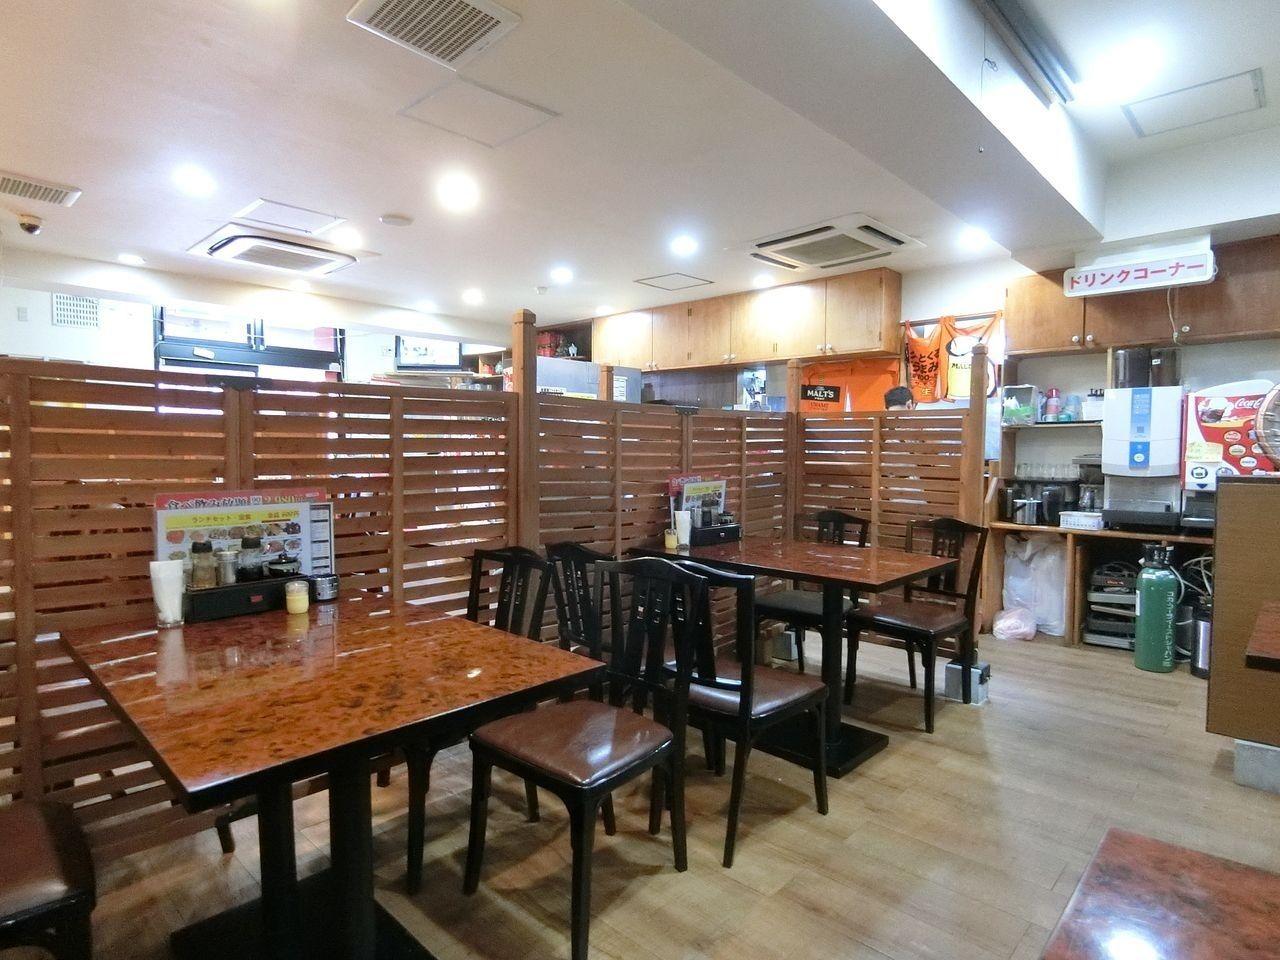 大山の中華料理屋「祥和居(しょうわきょ)」